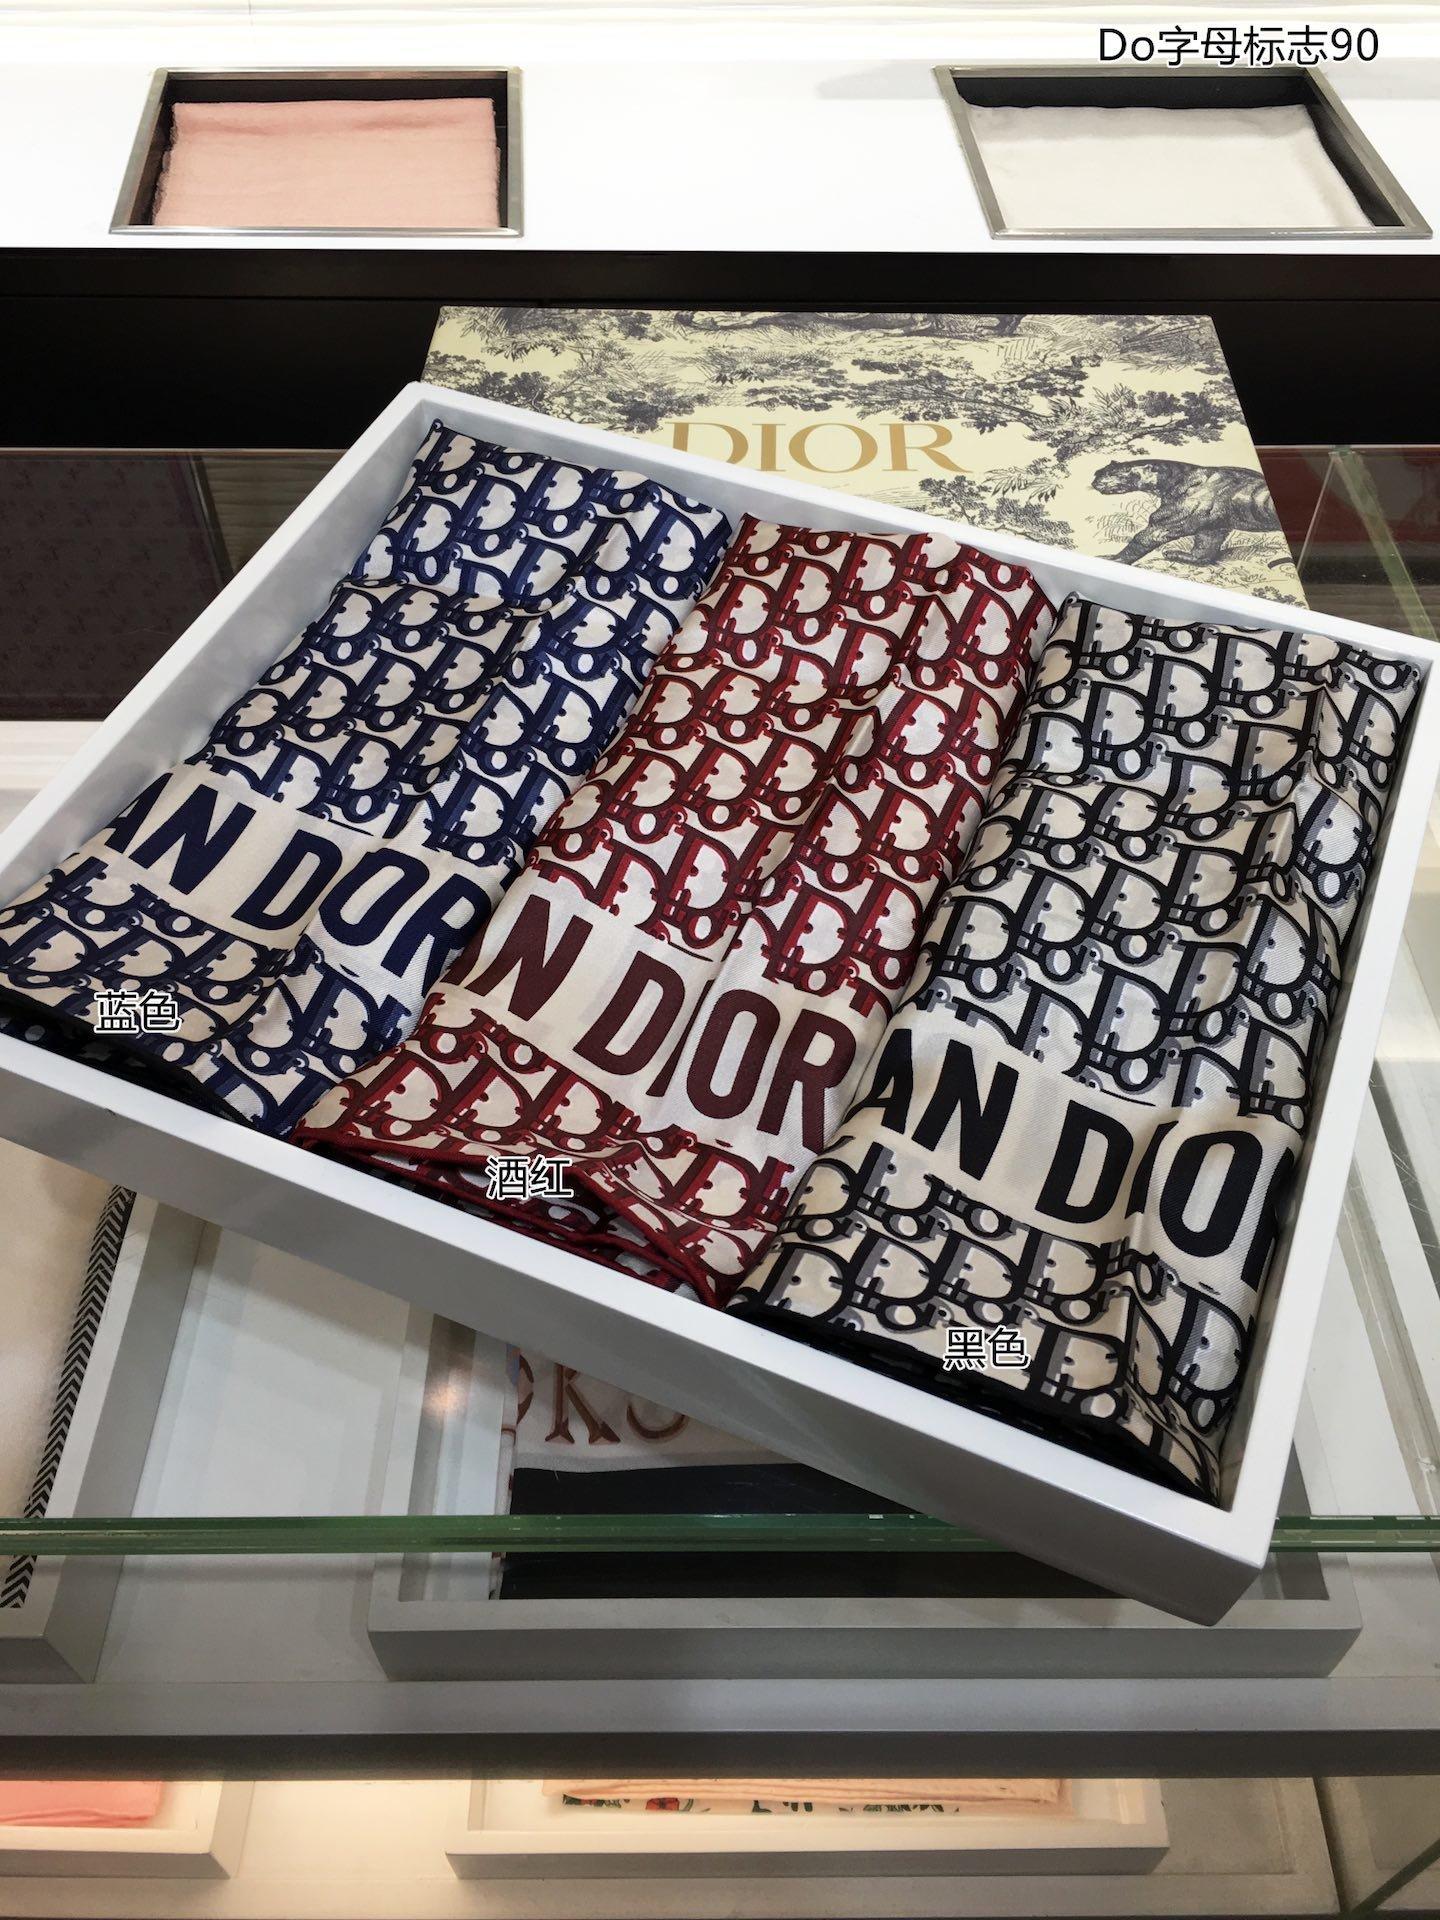 爆款真丝来啦Dior最最新的专柜主打